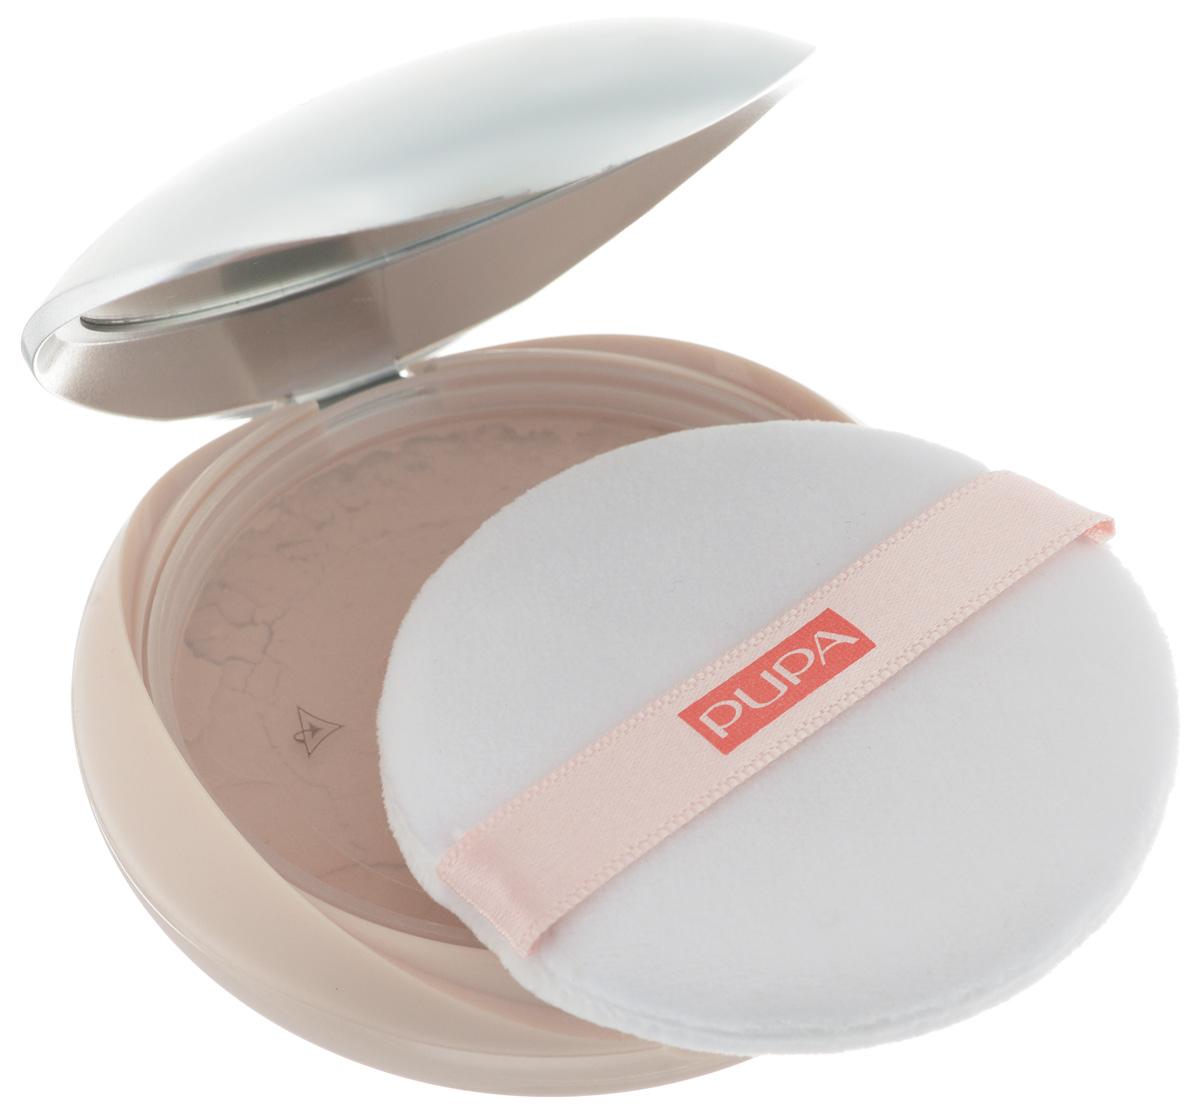 Pupa Рассыпчатая пудра LIKE A DOLL LOOSE POWDER № 002 розово-натуральный, 9 г050058002Рассыпчатая пудра Like a Doll Loose Powder. Микронизированные пигменты способствуют идеальной растушевке на коже.Очень легкая текстура – не утяжеляет макияж, оставляет кожу здоровой и свежей. Устойчивая мягкая матовость кожи, не сушит и не стягивает кожу. В формуле: Семена хлопка – сохраняют влагу в коже. Упаковка: сочетается с упаковкой компактной пудры Like a Doll Compact Powder – нижняя часть нежно-розового цвета, мягкий и комфортный пуф с сатиновой лентой в нежно розовом цвете. Палитра: 001, 002, 004 - матовые оттенки; 007 - содержит нежные перламутровые частички для придания естественного сияния кожи.